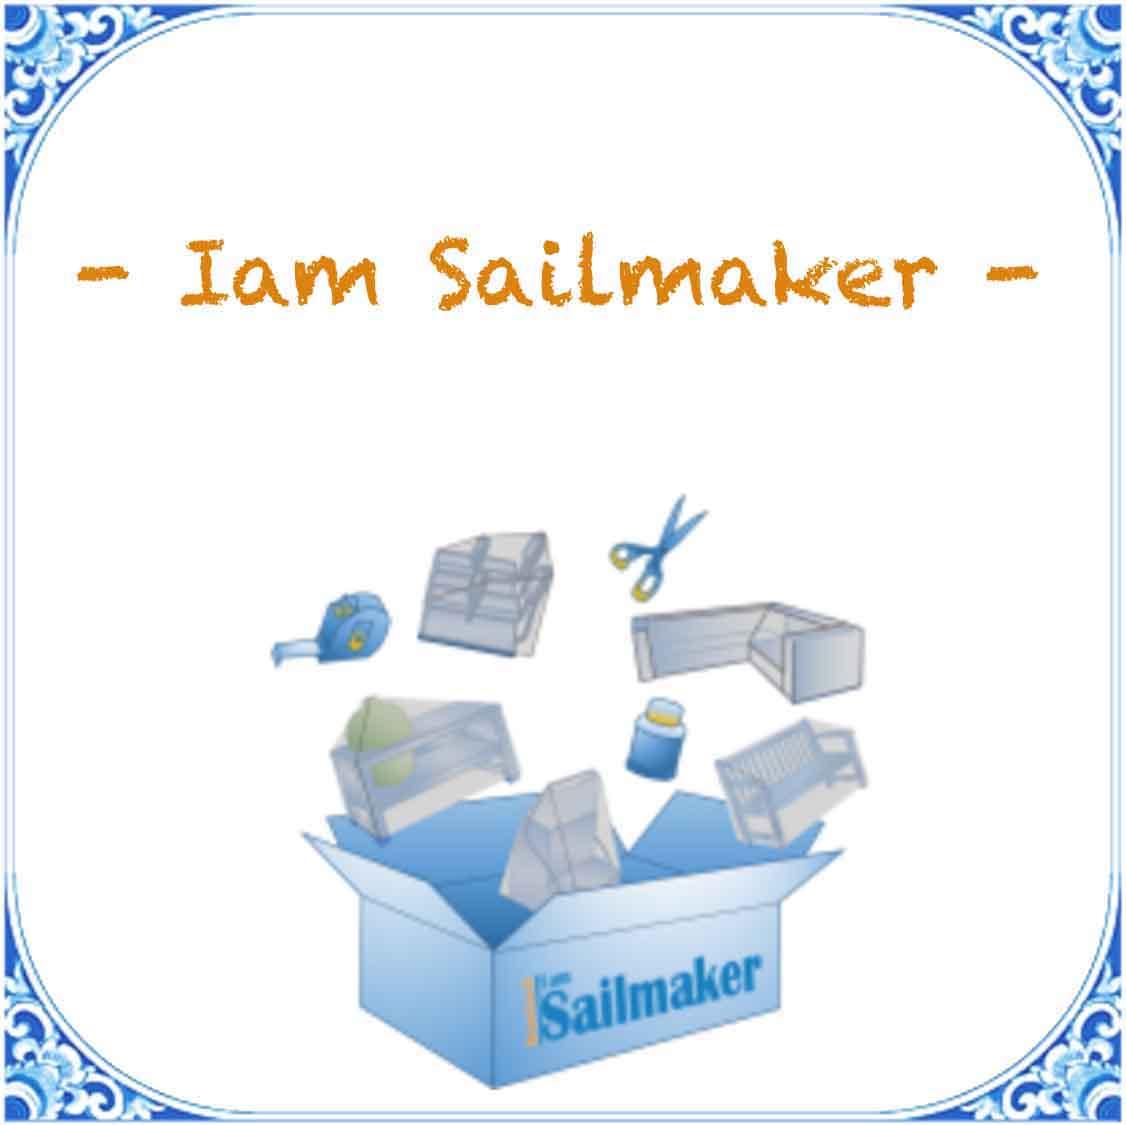 I am sailmaker manual